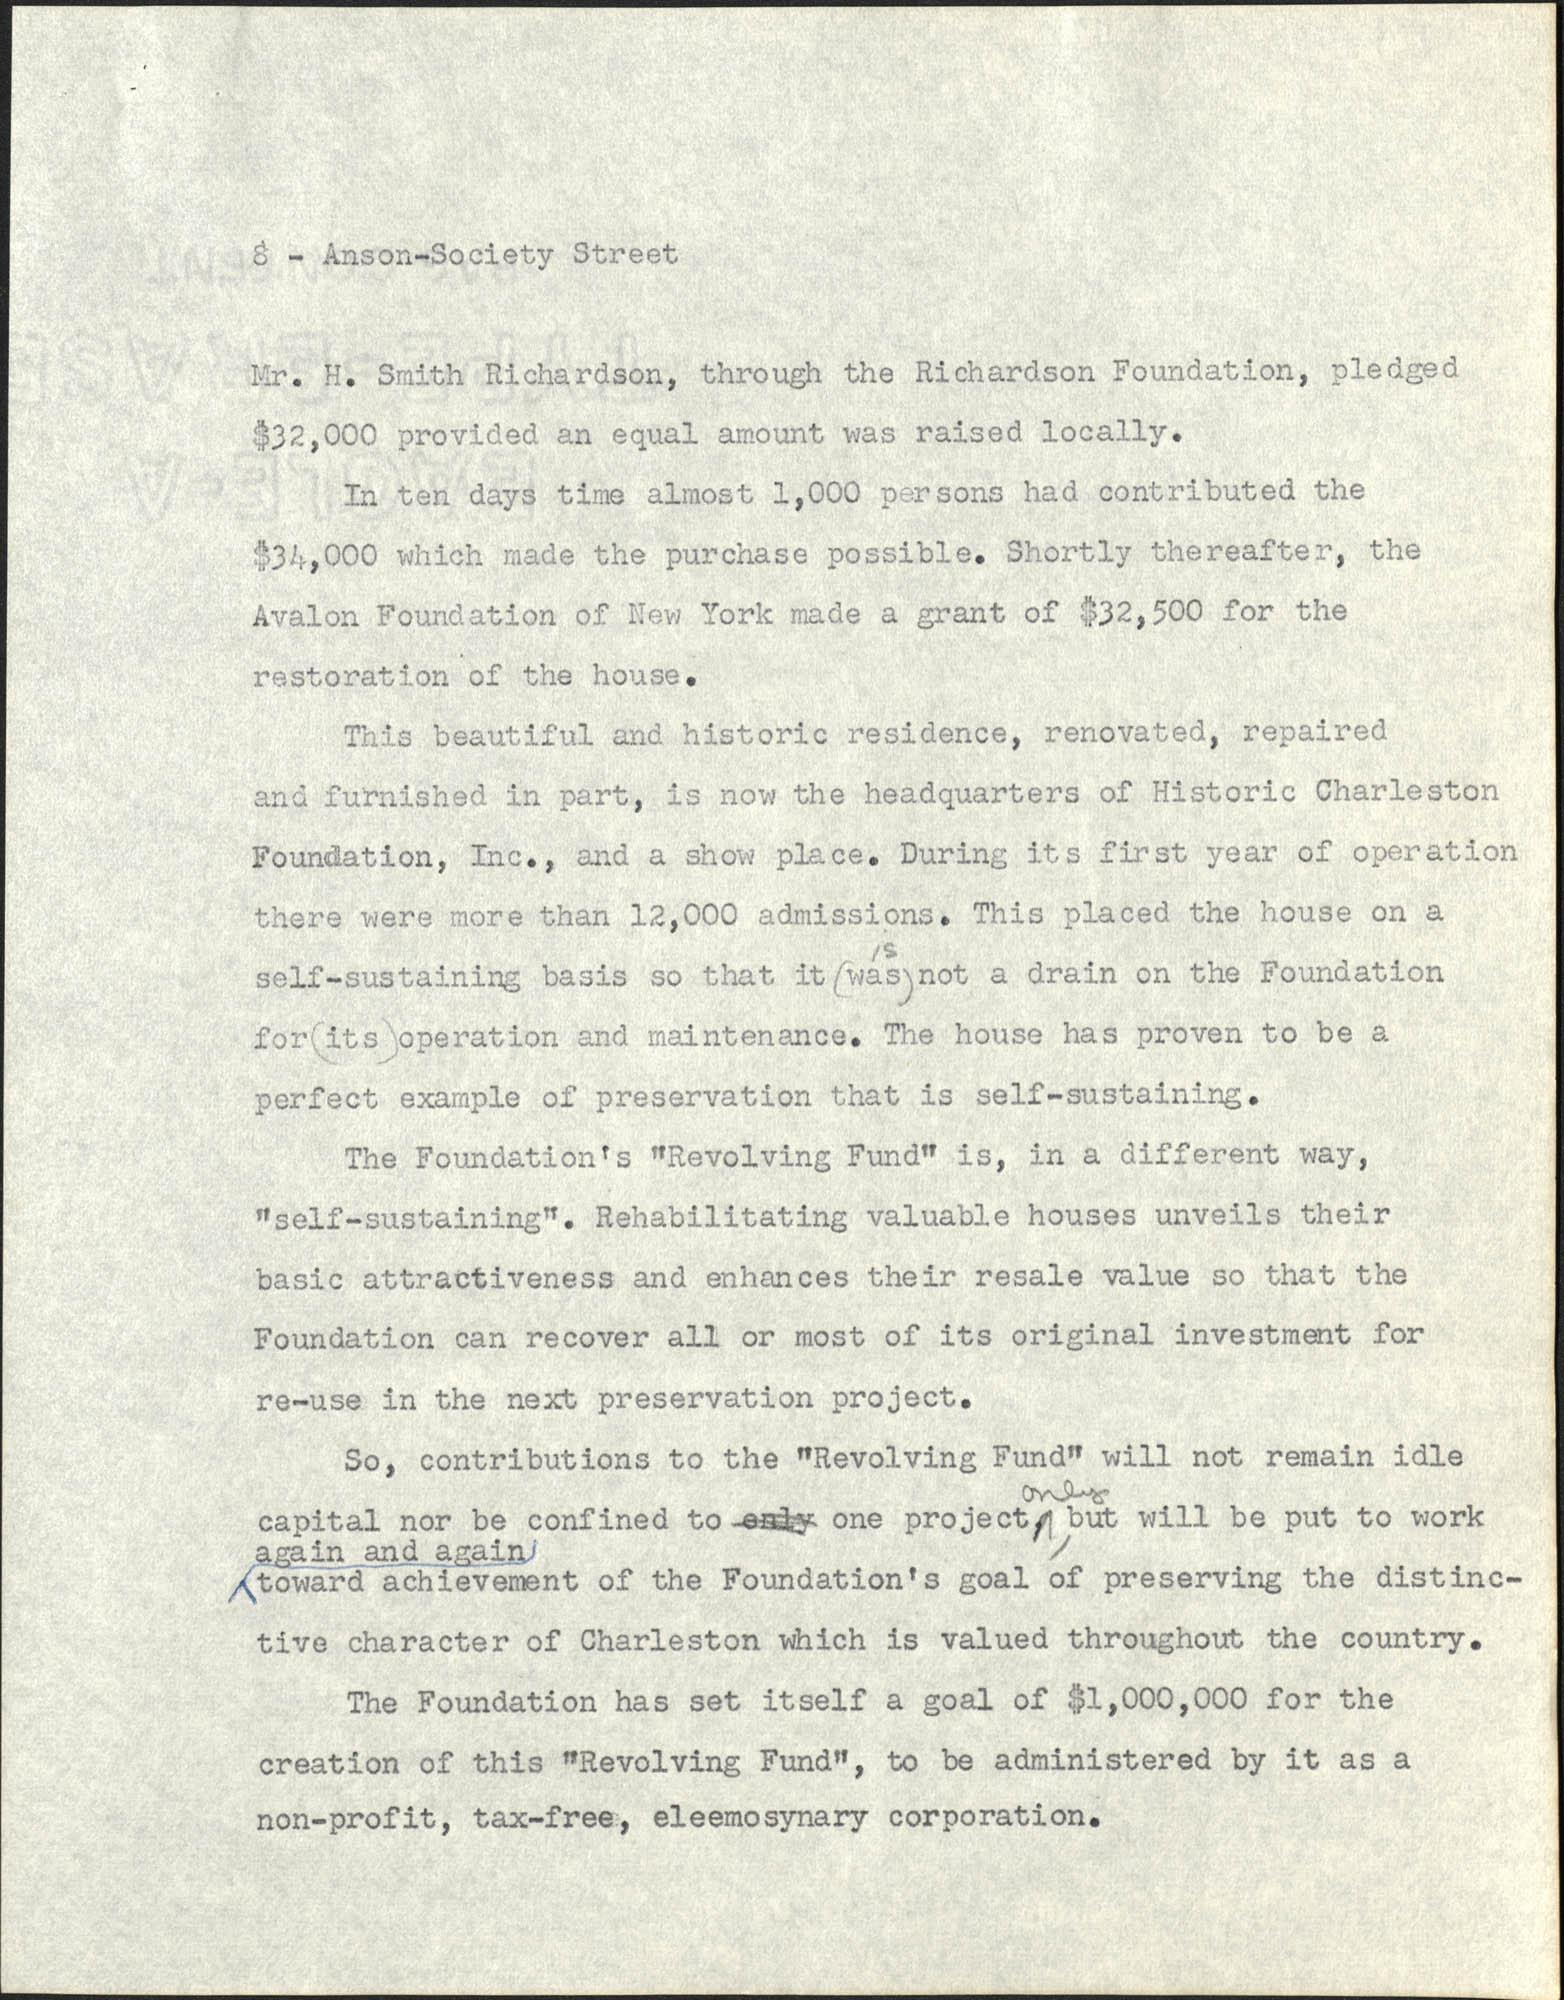 Anson-Society Street Rehabilitation, Page 8